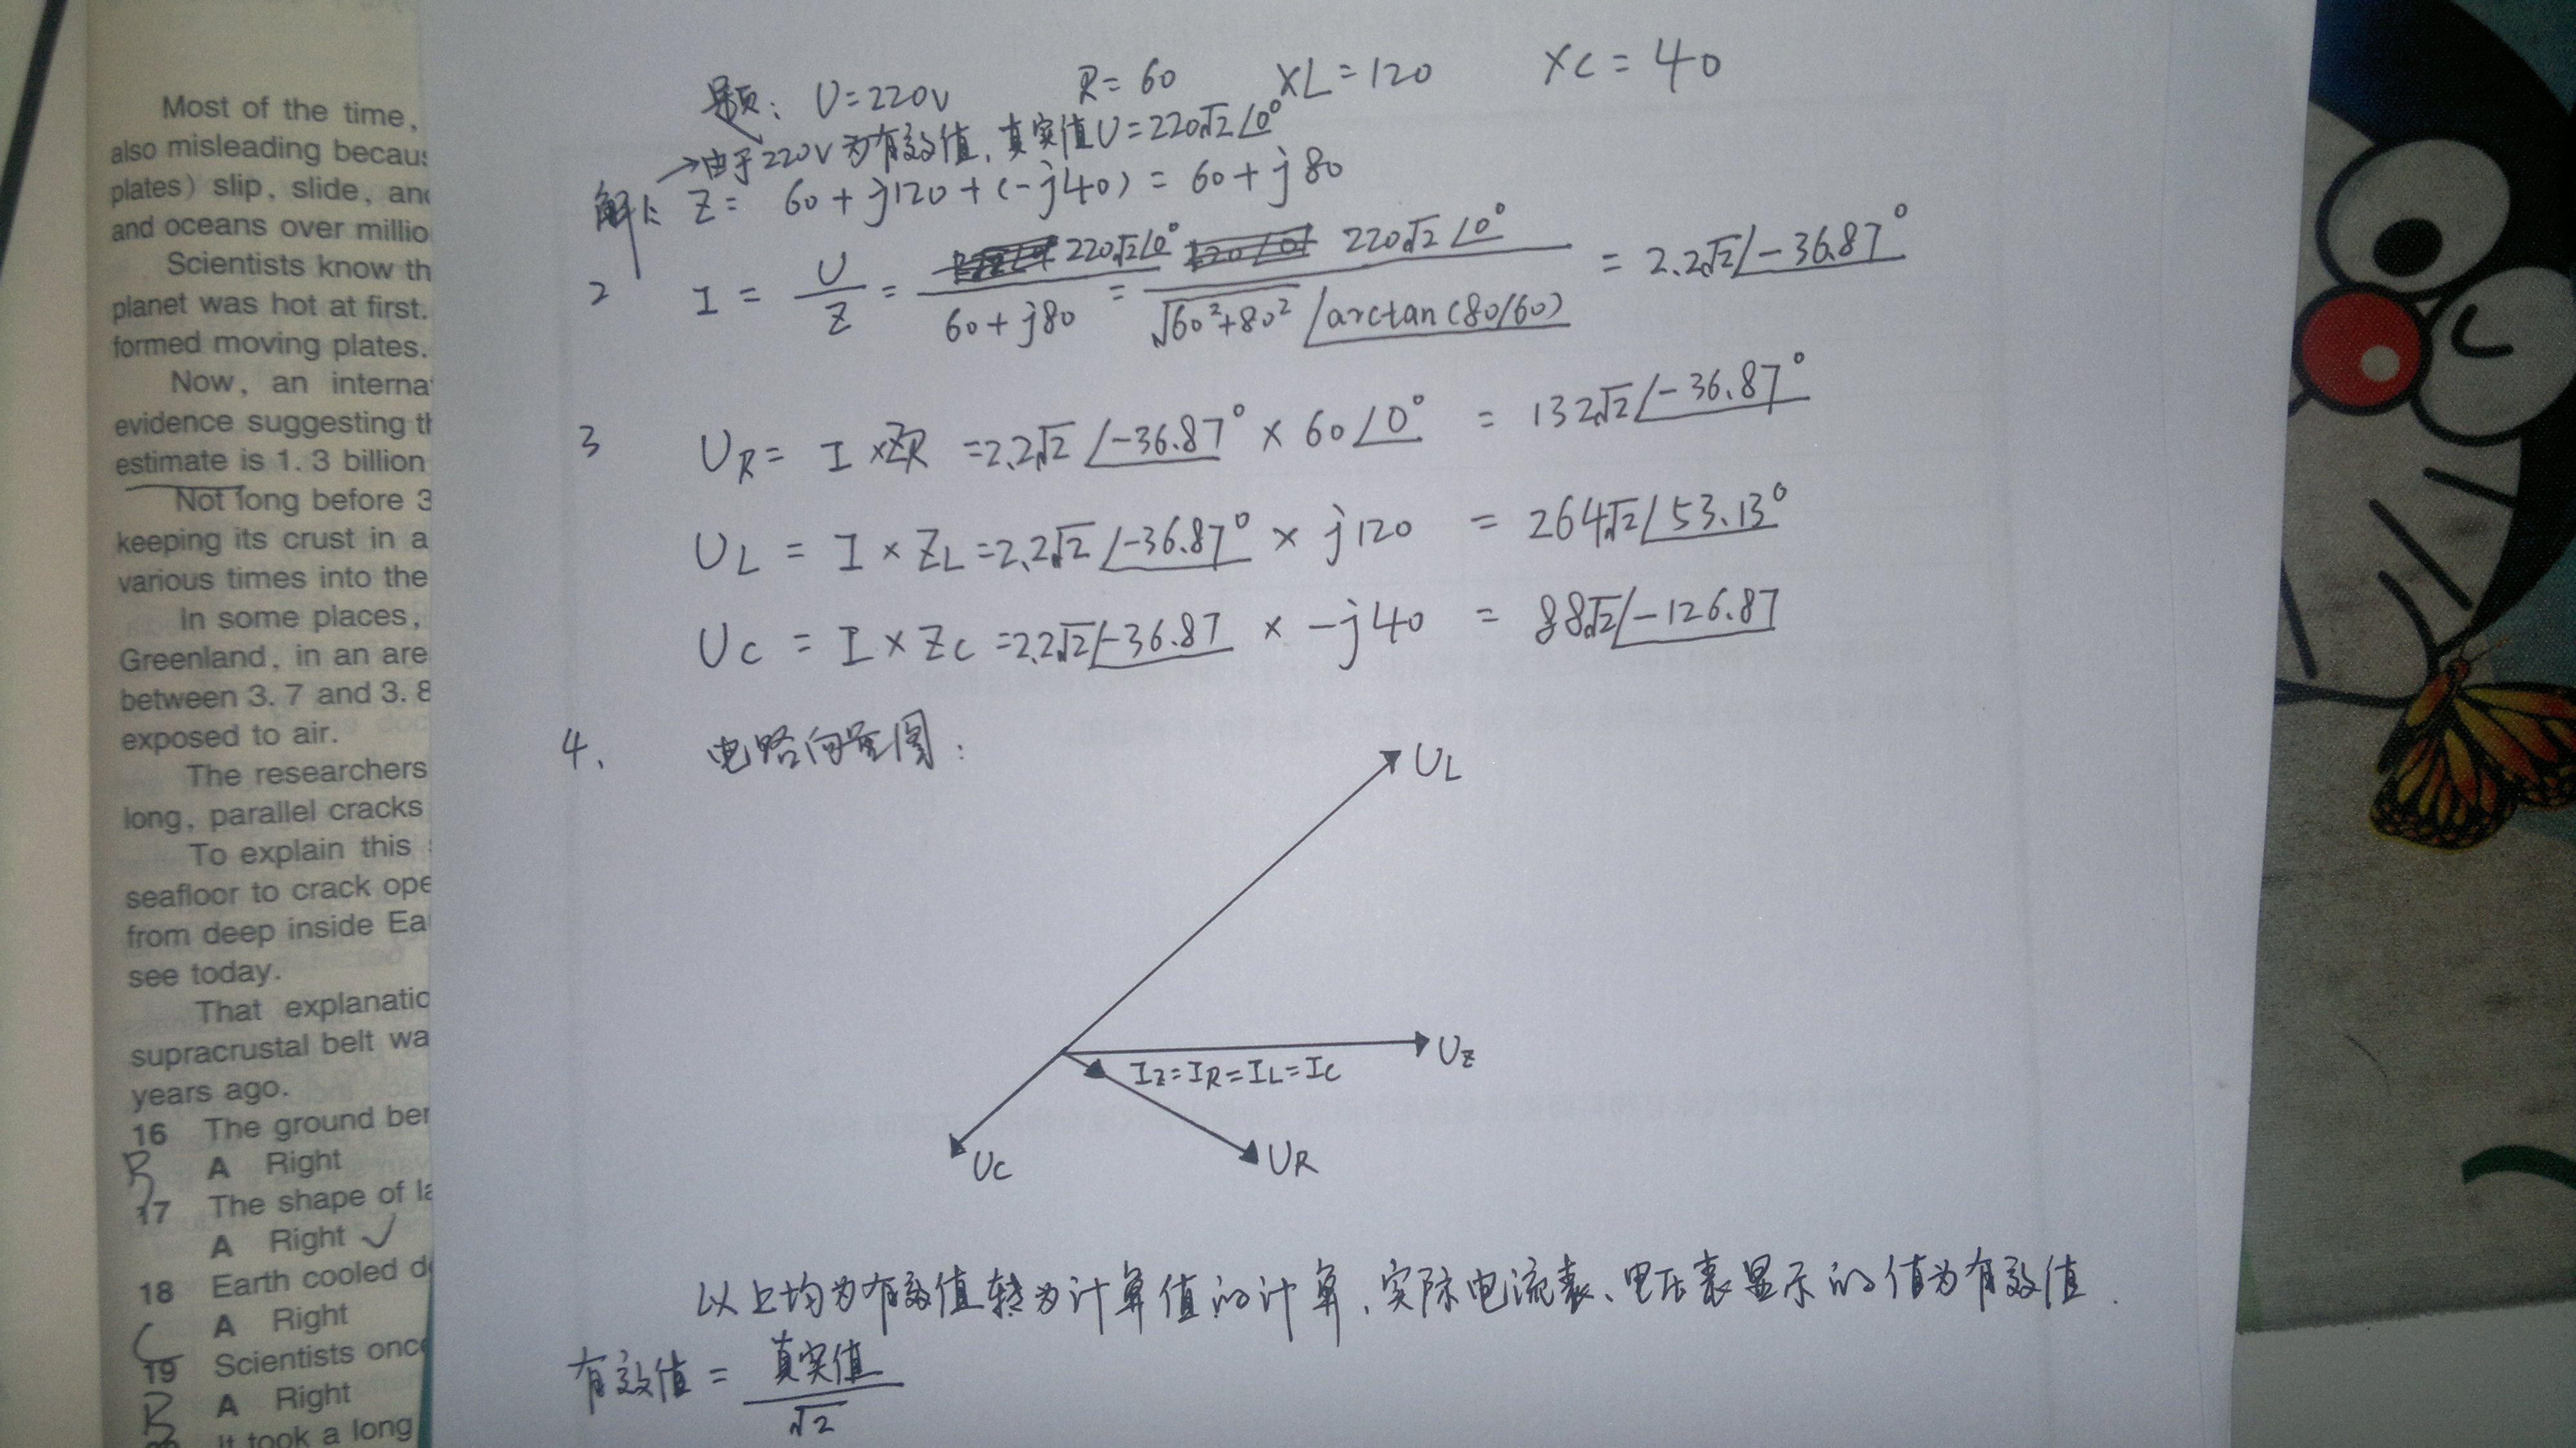 在rlc串联电路中,r=60,xl=120,xc=40,交流信号源输出电压有效值为u=